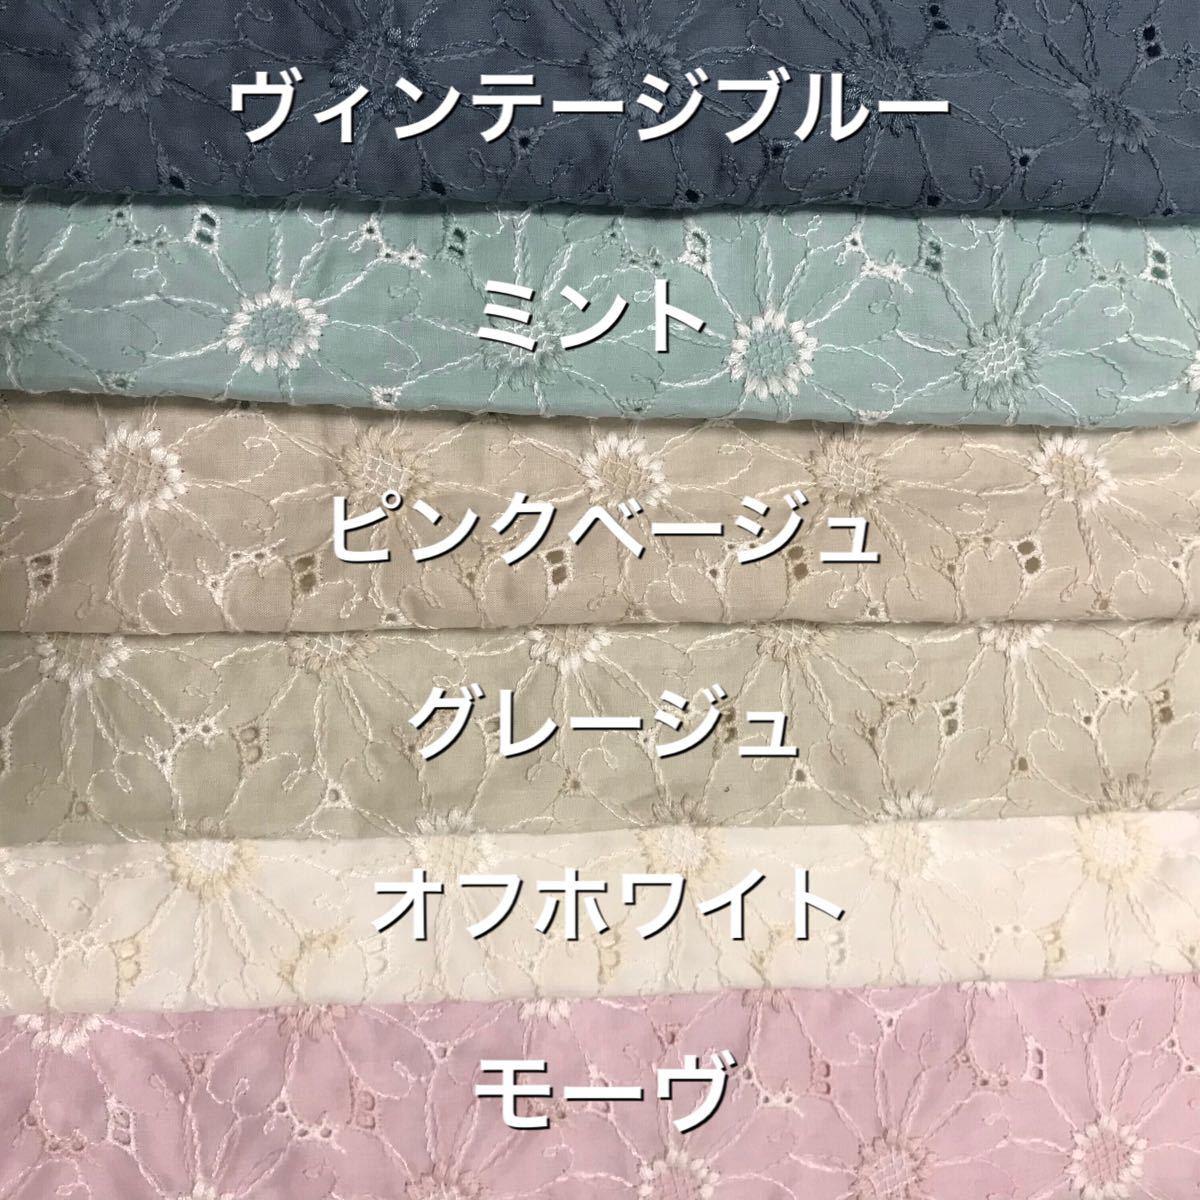 コットンレース マーガレット刺繍 生地 ピンクベージ98×30